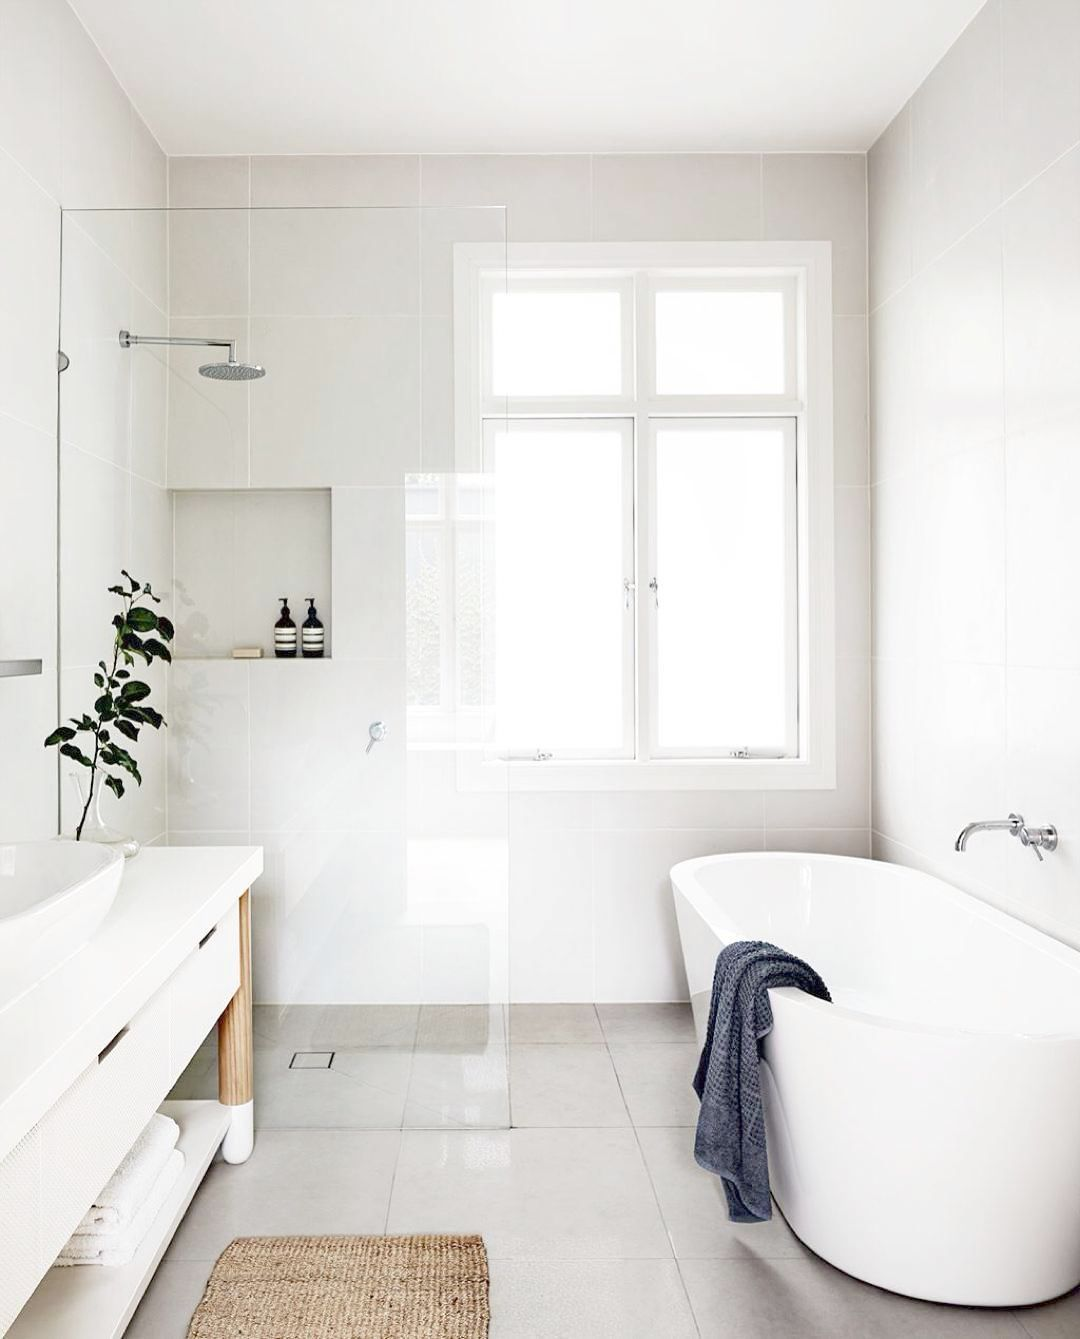 Build Your Own Bathroom Faucet Many Bathroom Remodel Depreciation Best Bathroom Designs Small Full Bathroom Bathroom Inspiration Modern